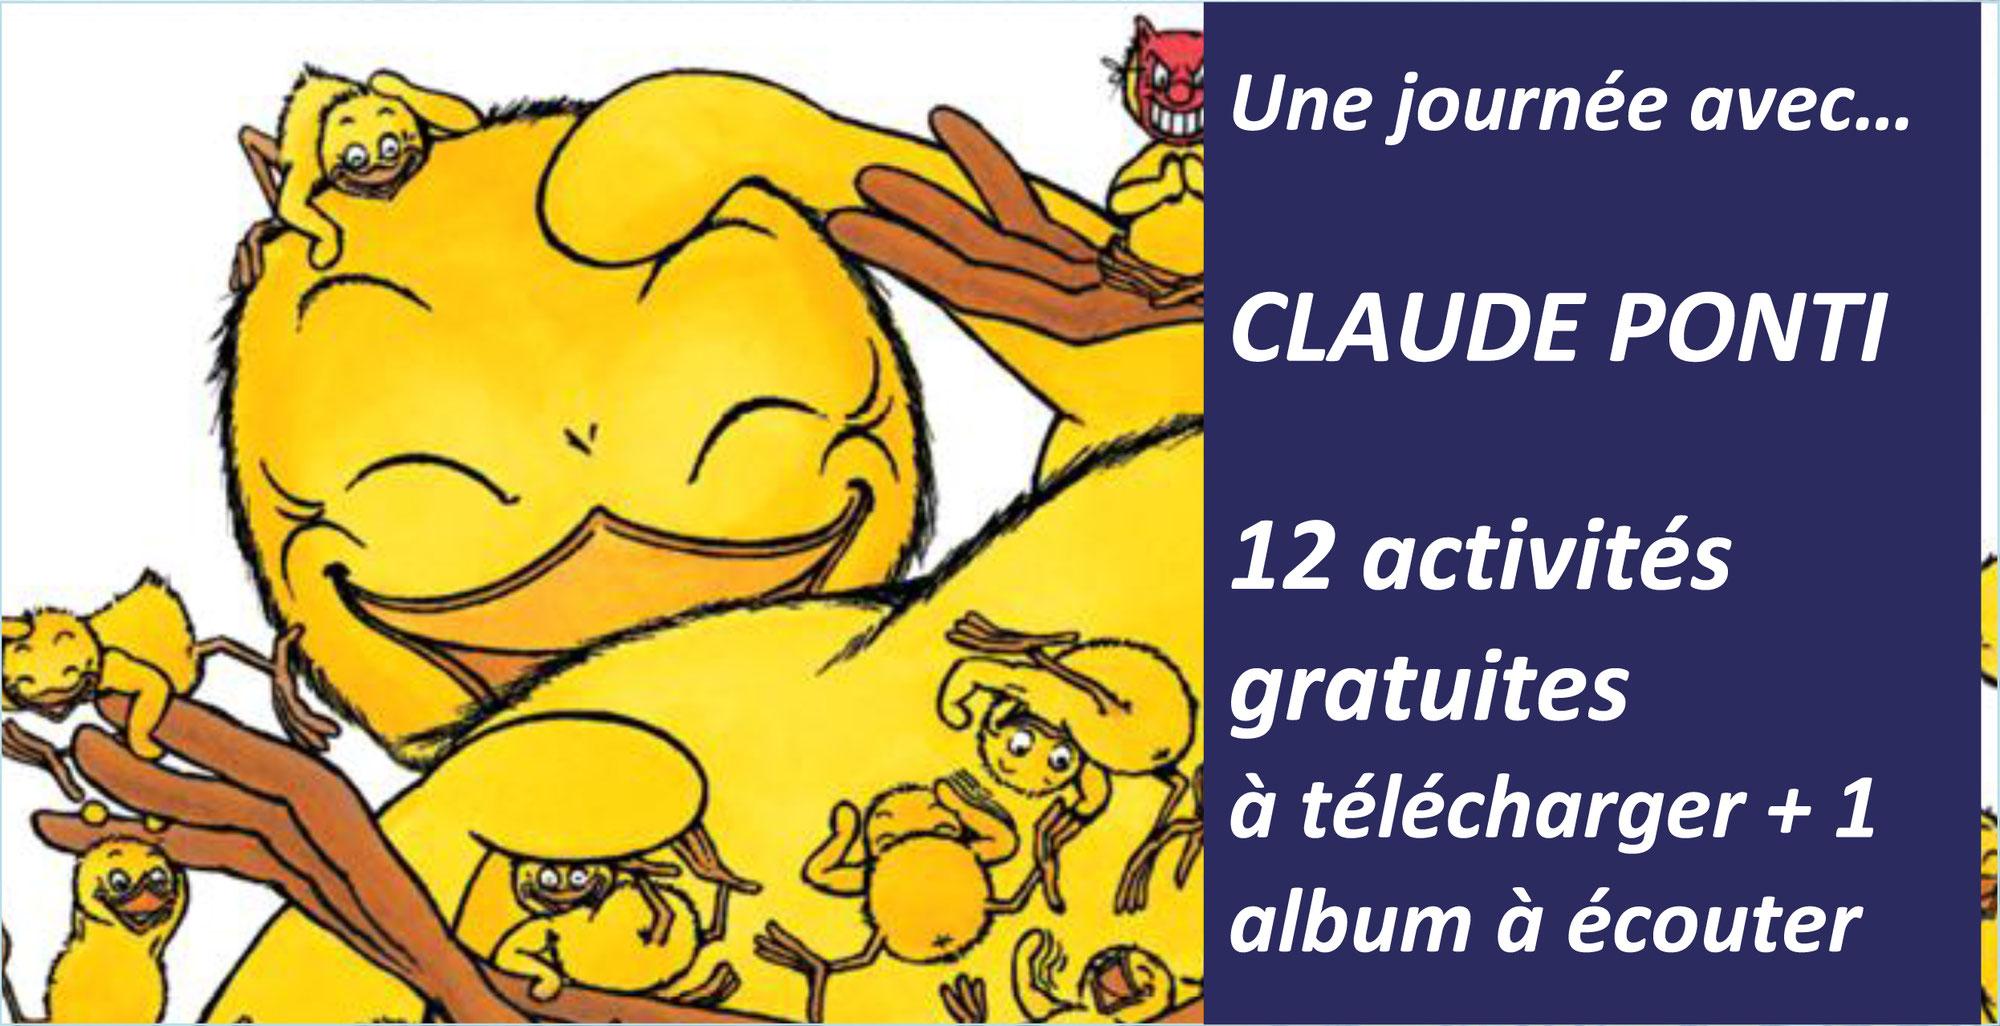 12 activités gratuites pour s'amuser et réfléchir autour des albums de CLAUDE PONTI (Ecole des loisirs)